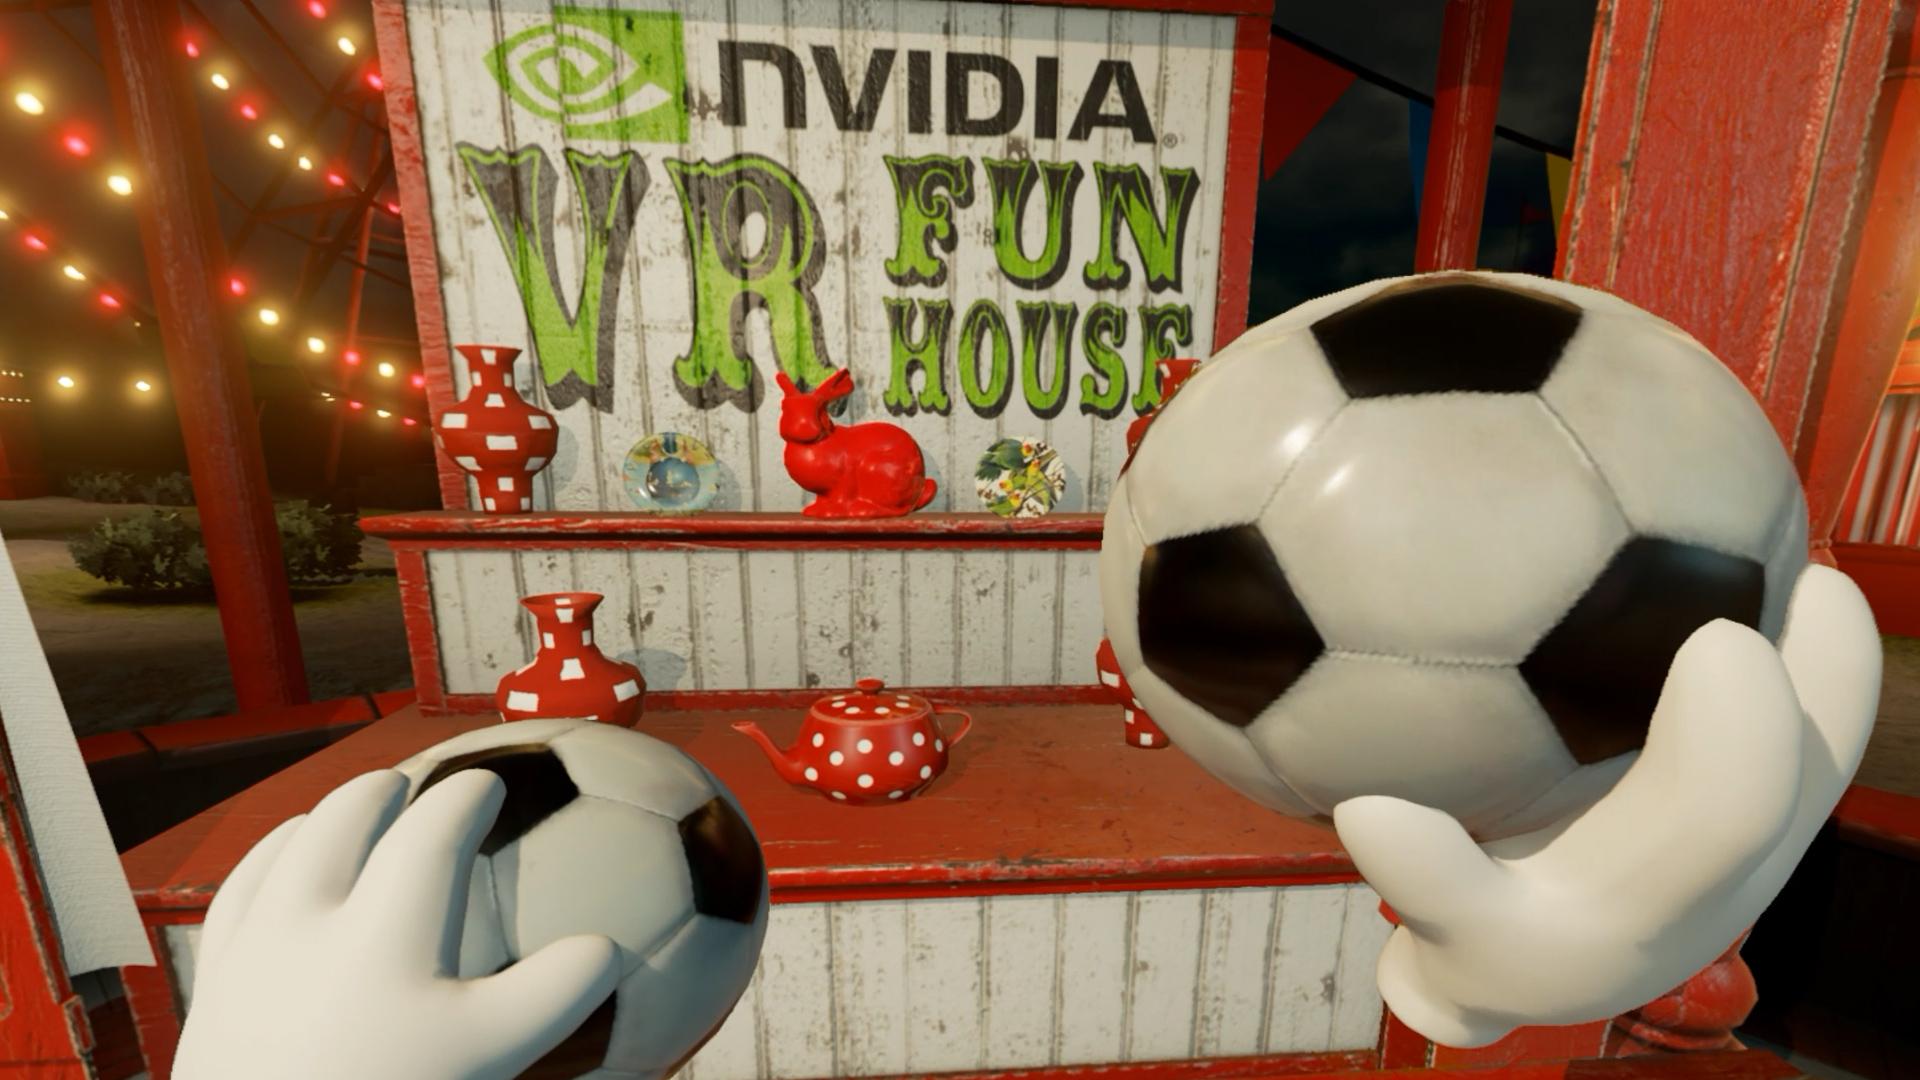 VR FUN HOUSE